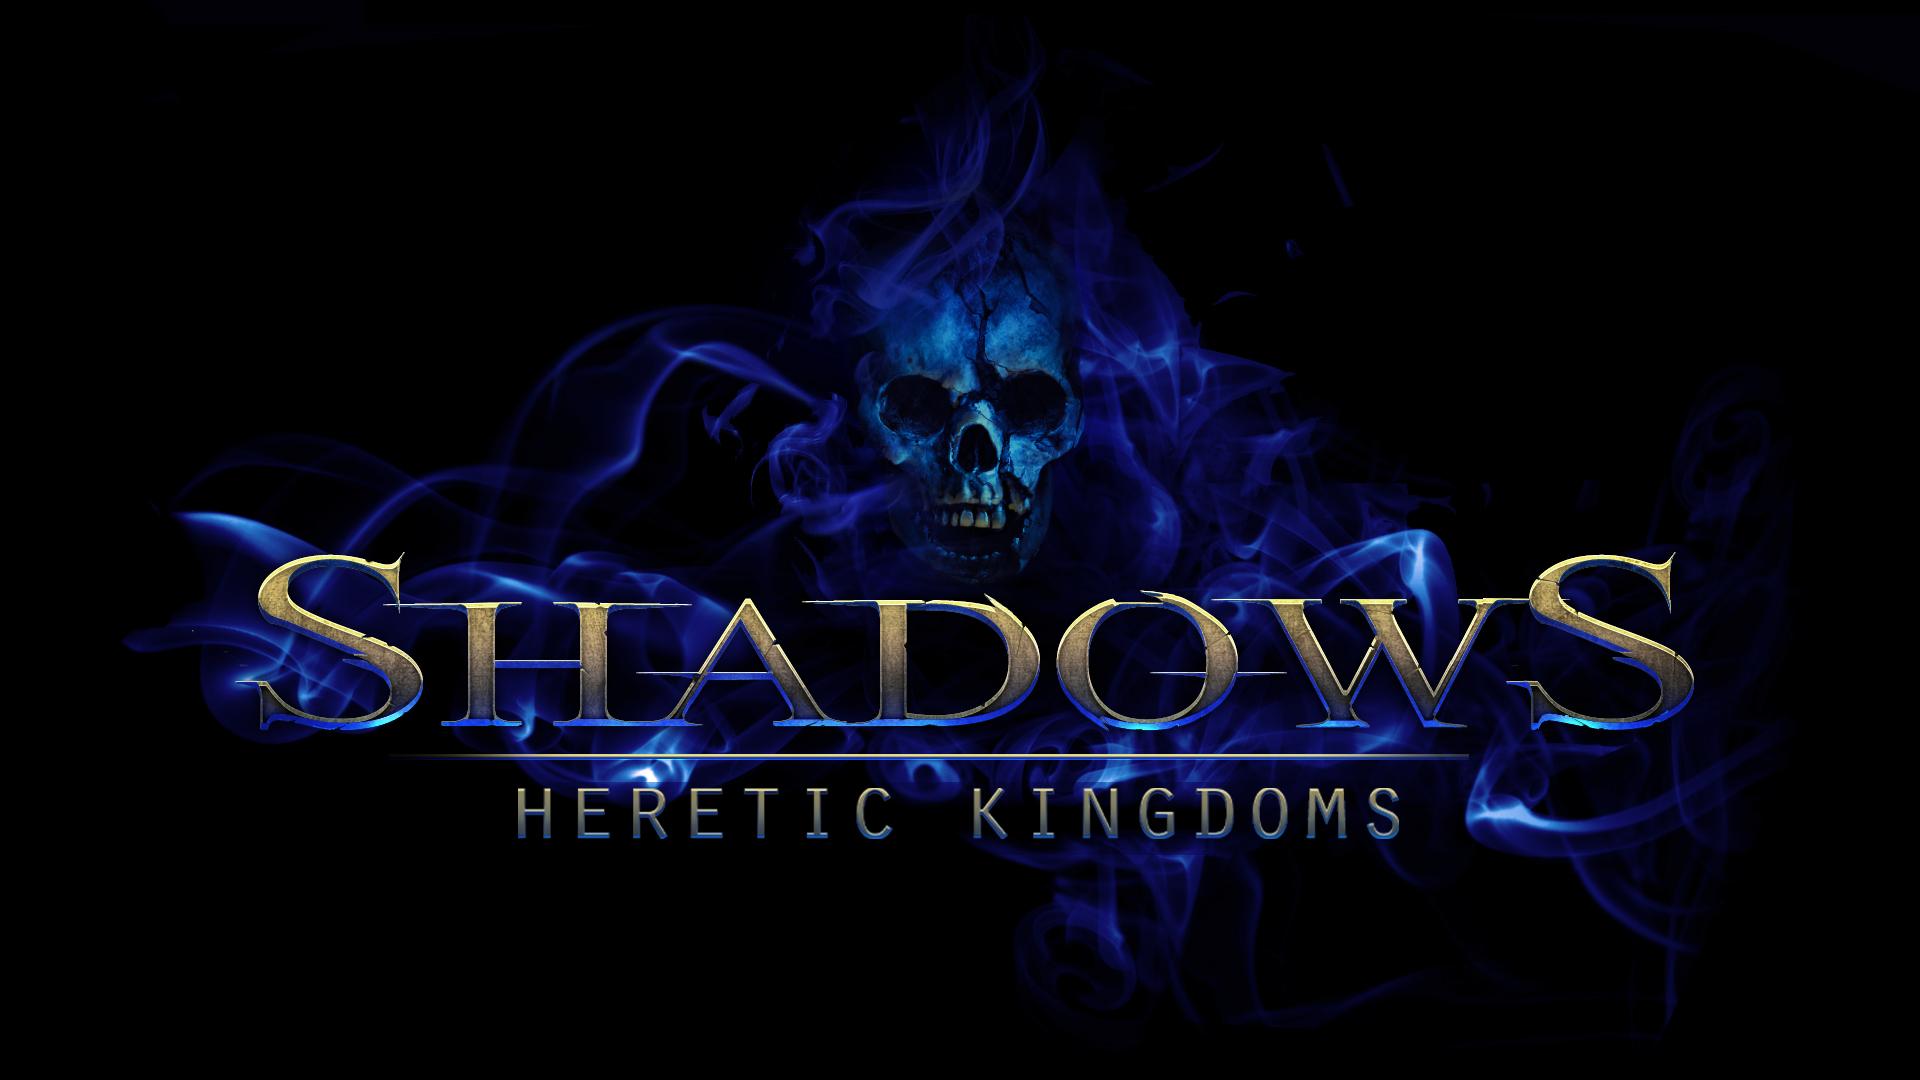 Heretic-Kingdoms-Shadows-Logo